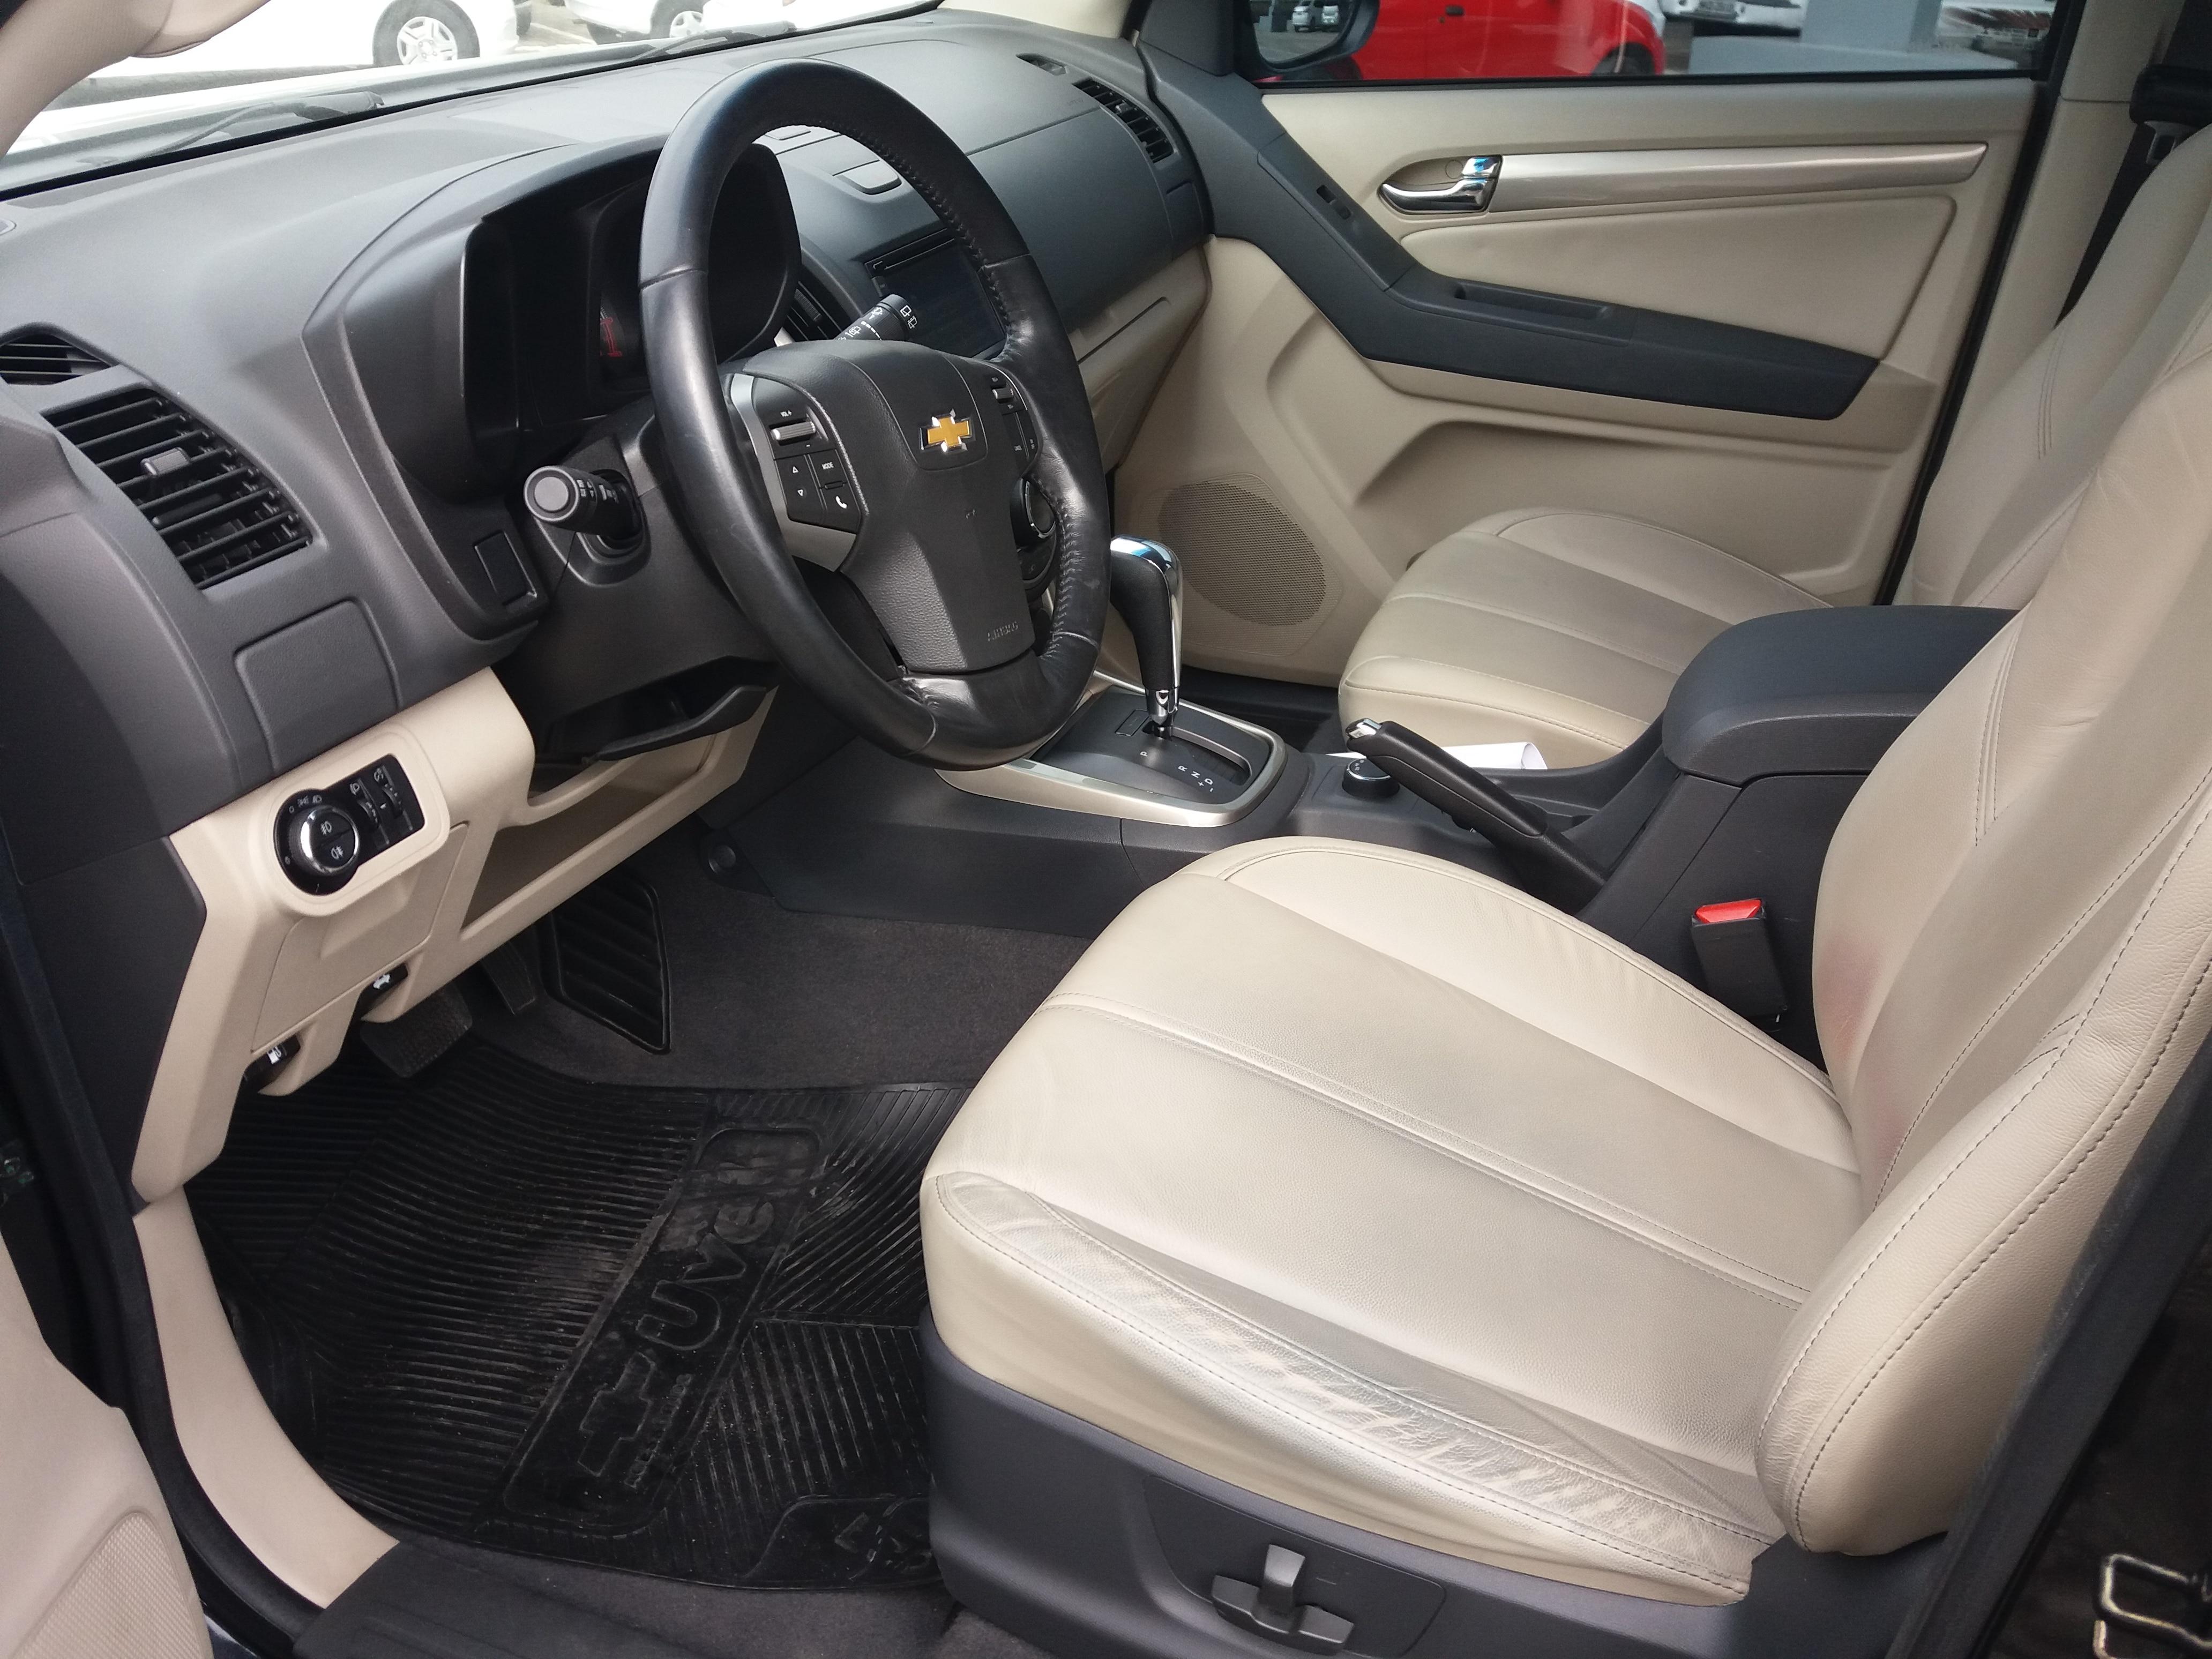 CHEVROLET TRAILBLAZER 3.6 LTZ 4X4 V6 GASOLINA - 2013